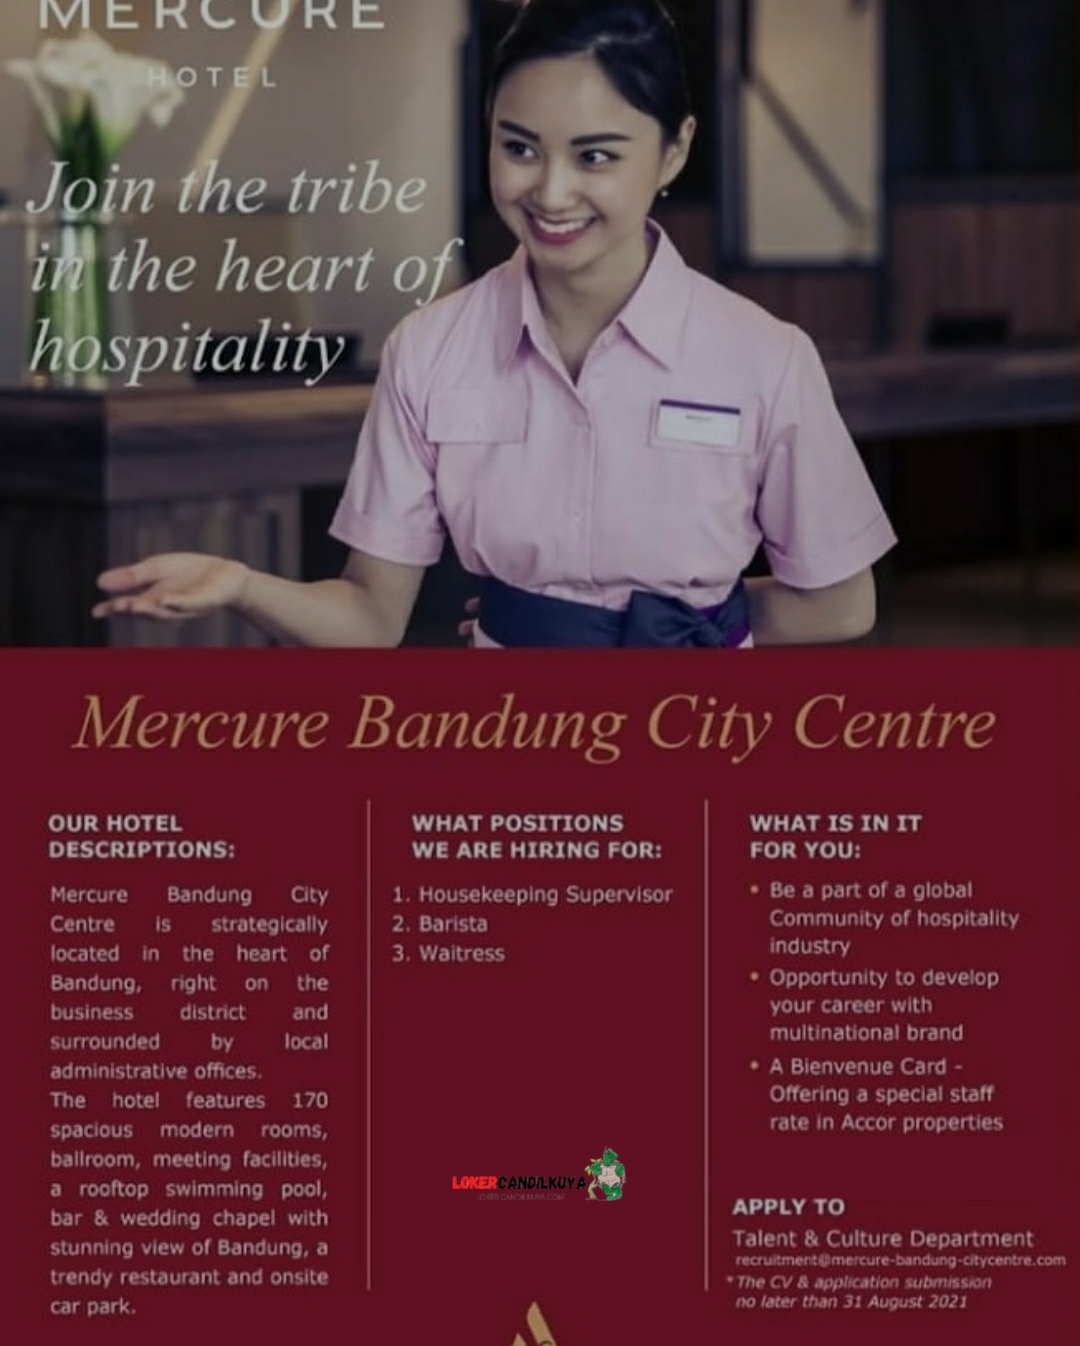 Lowongan Kerja Mercure Bandung City Centre